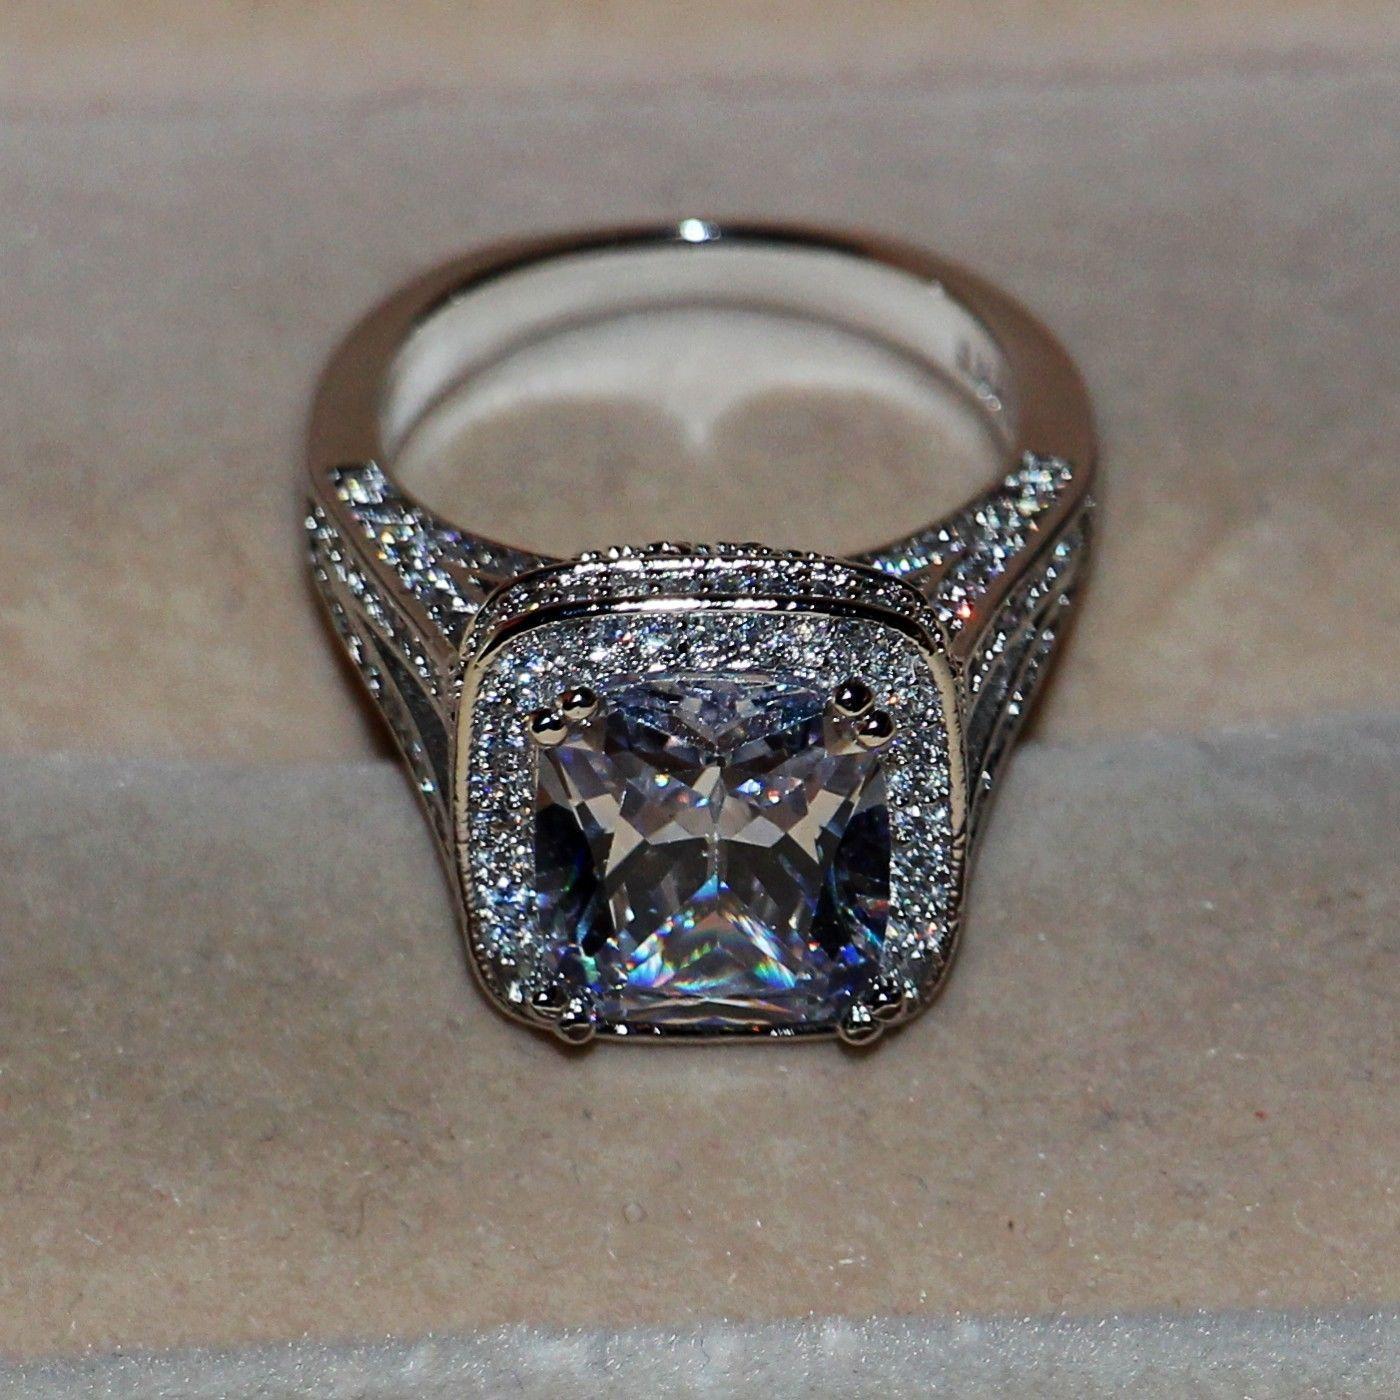 Key4fashion Marque Desgin Livraison gratuite Bijoux De Luxe 14kt d'or blanc rempli 192 Pcs Topaze Diamant Simulé Weddiong Bague Bague cadeau Size5-11